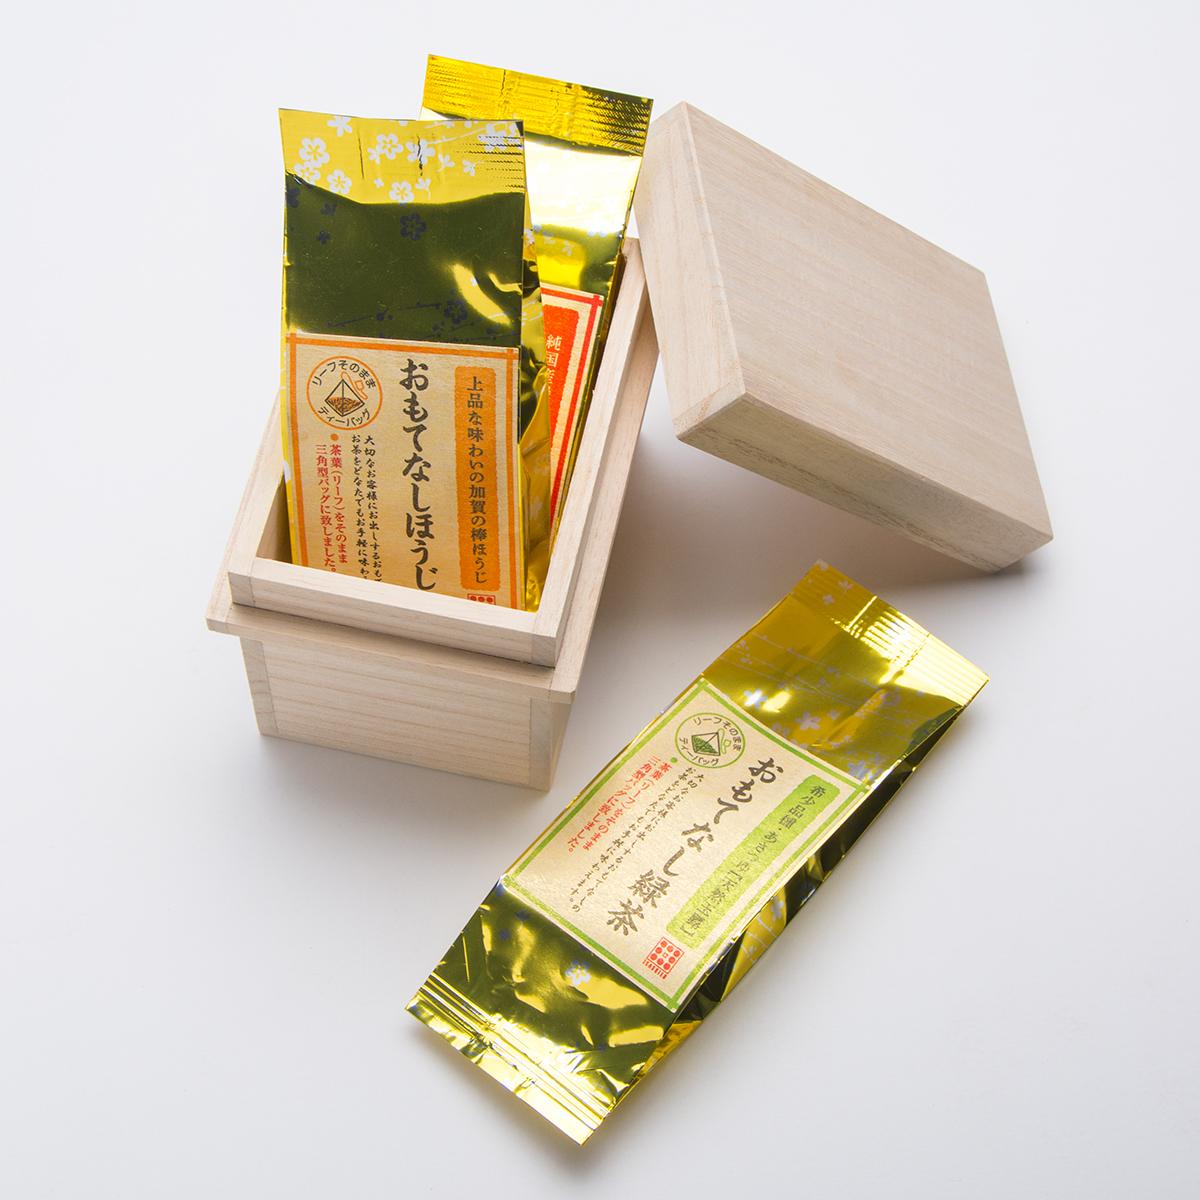 茶飲革命 茶箱入りセット